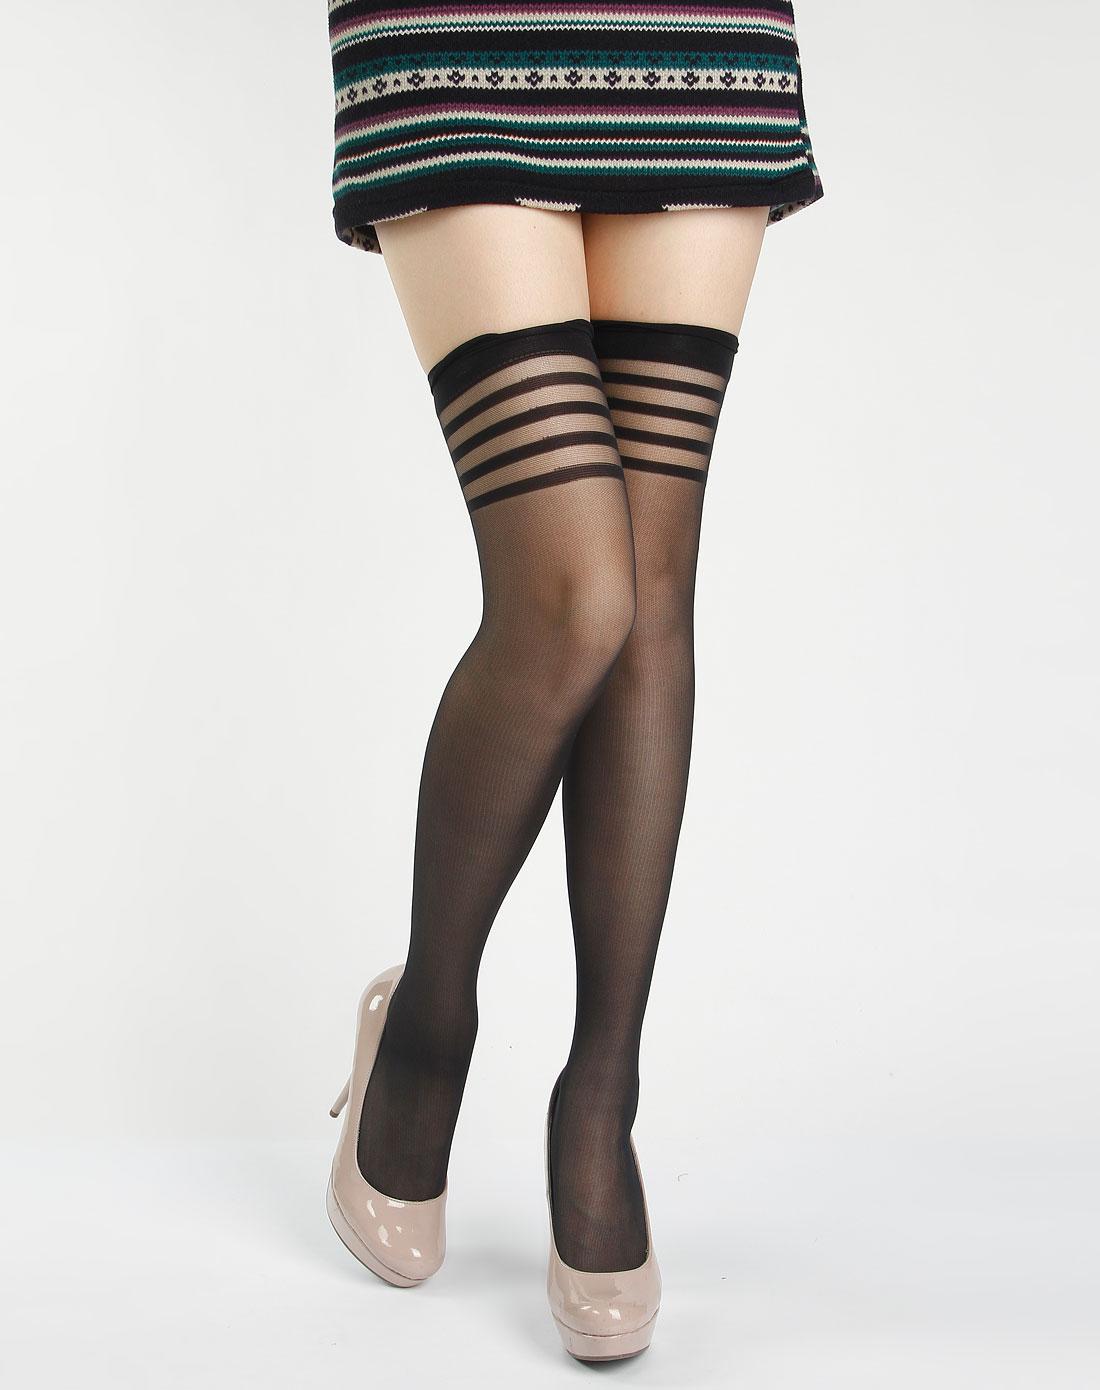 长筒袜黑色长筒袜长筒袜mm长筒袜美女